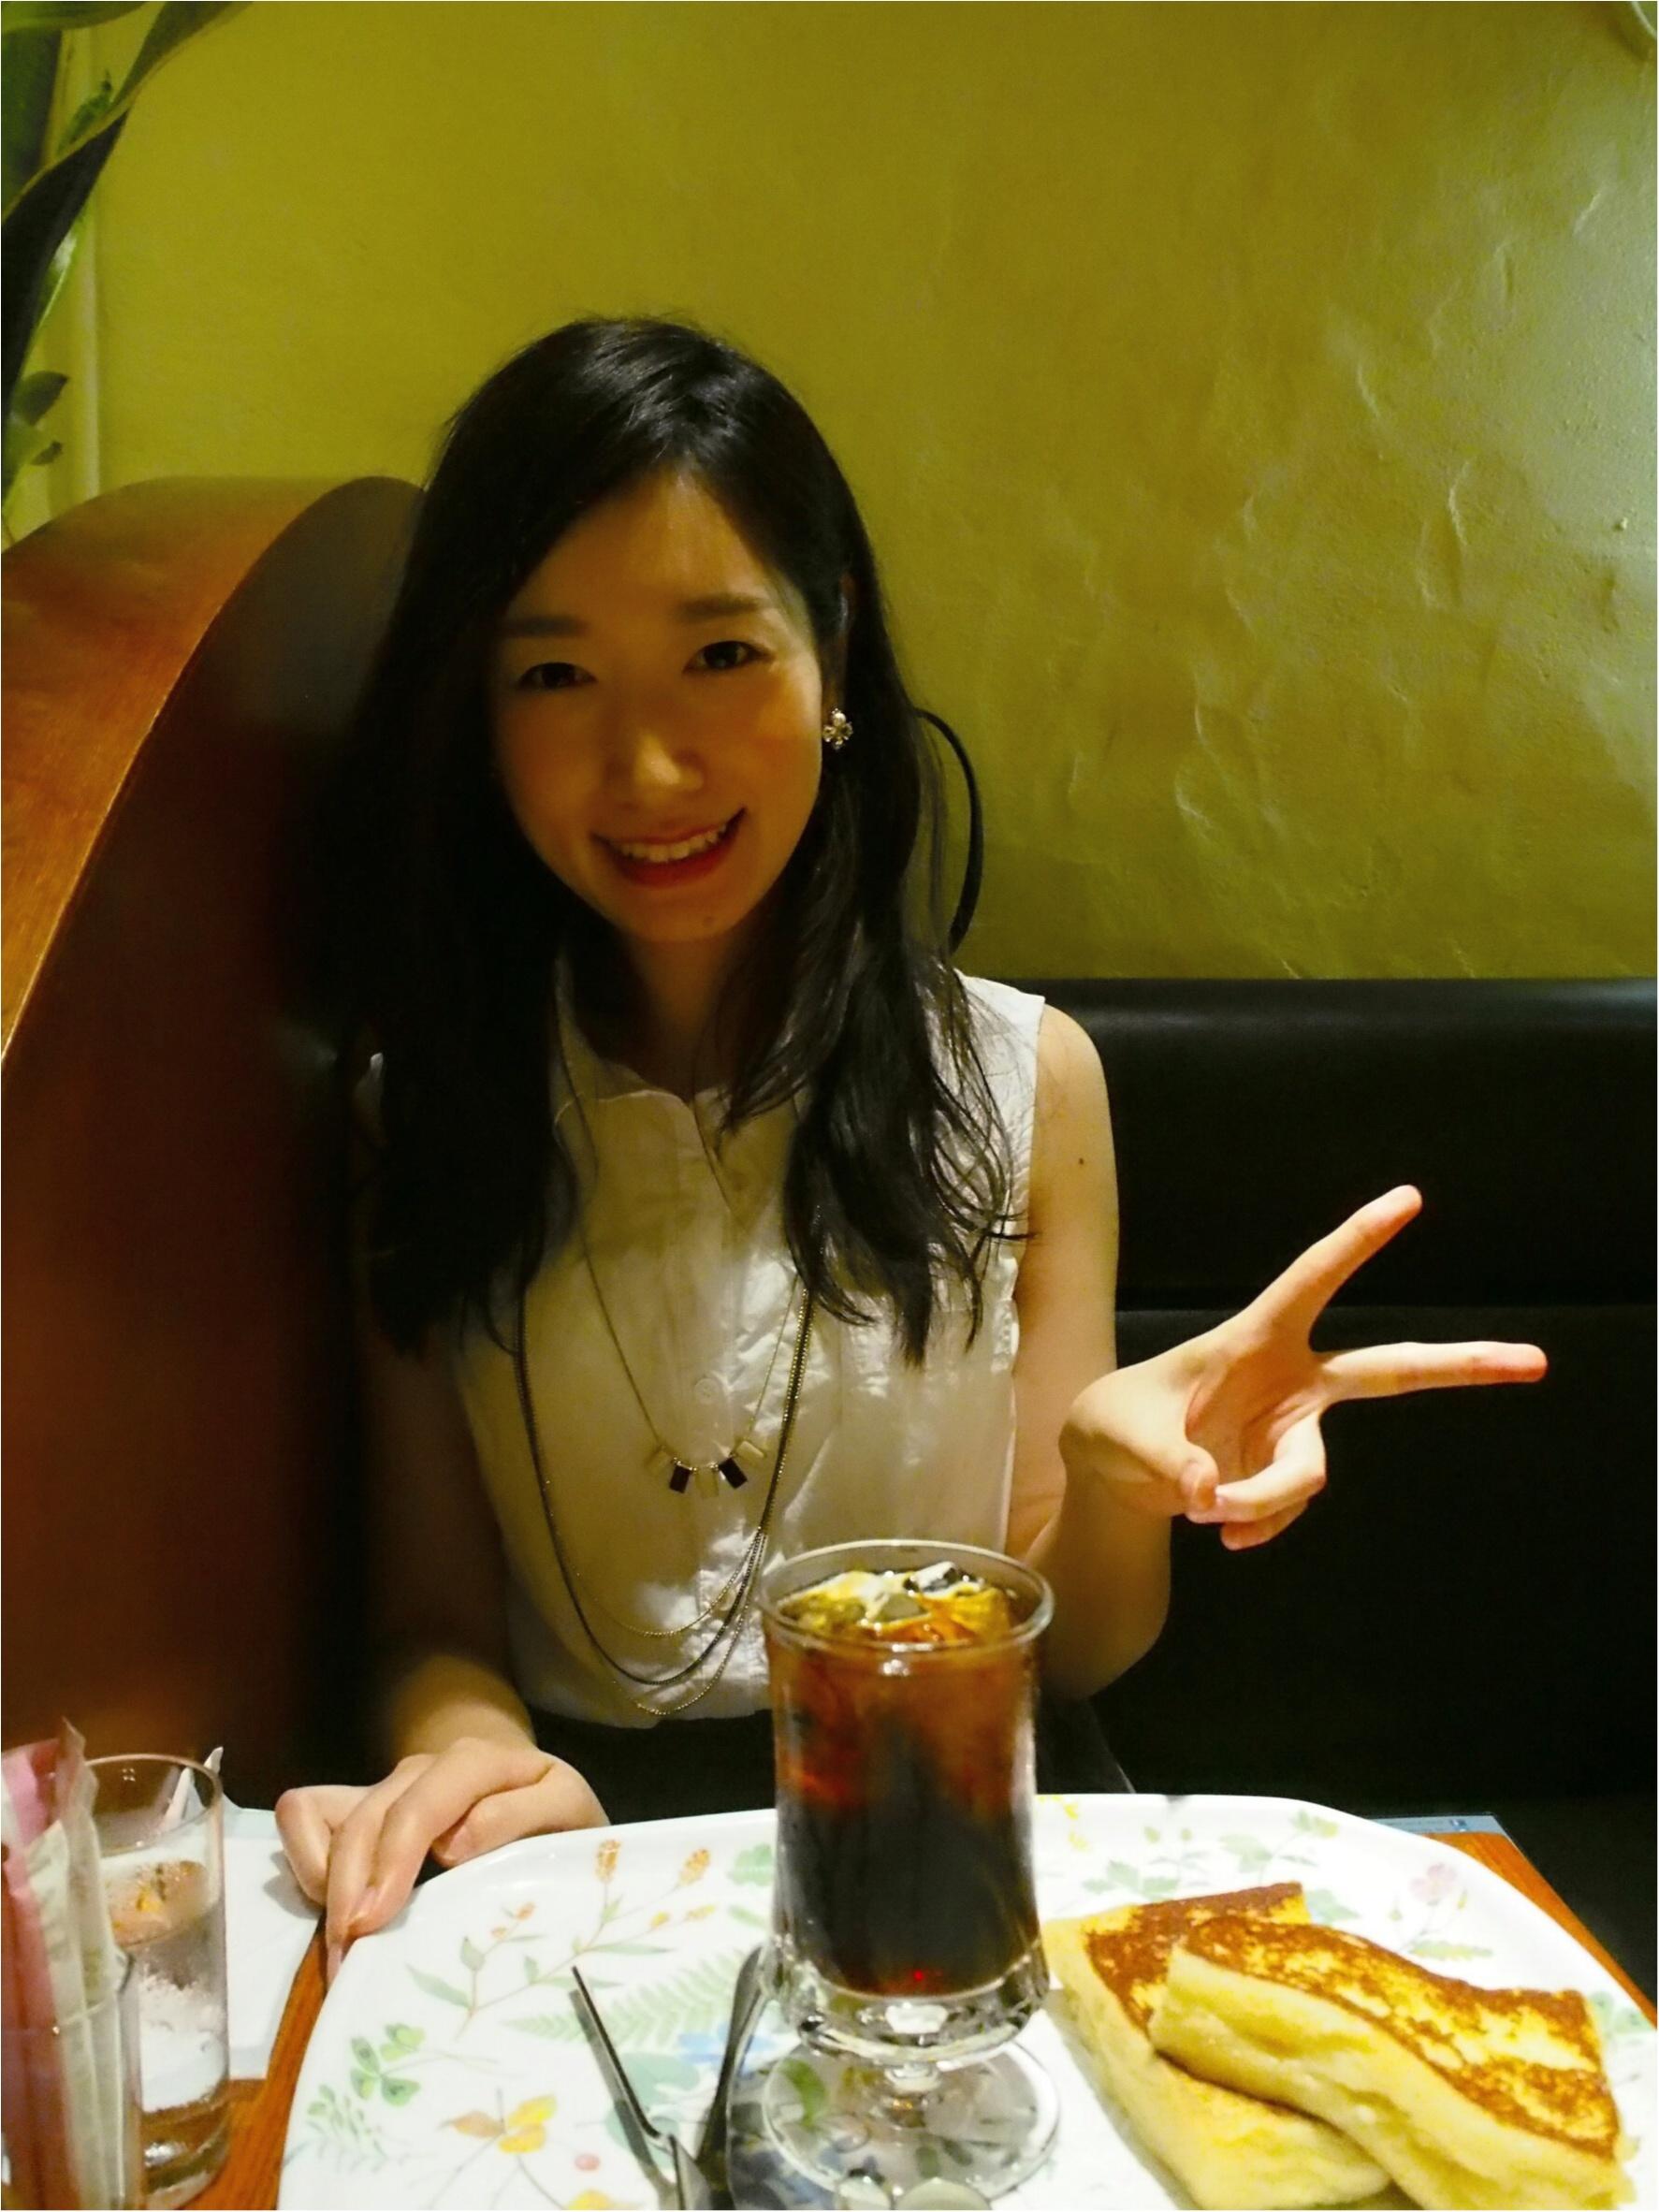 ぷるっふあ♡トロける【フレンチトースト】を新宿のカフェで体験しちゃお♩≪samenyan≫_7